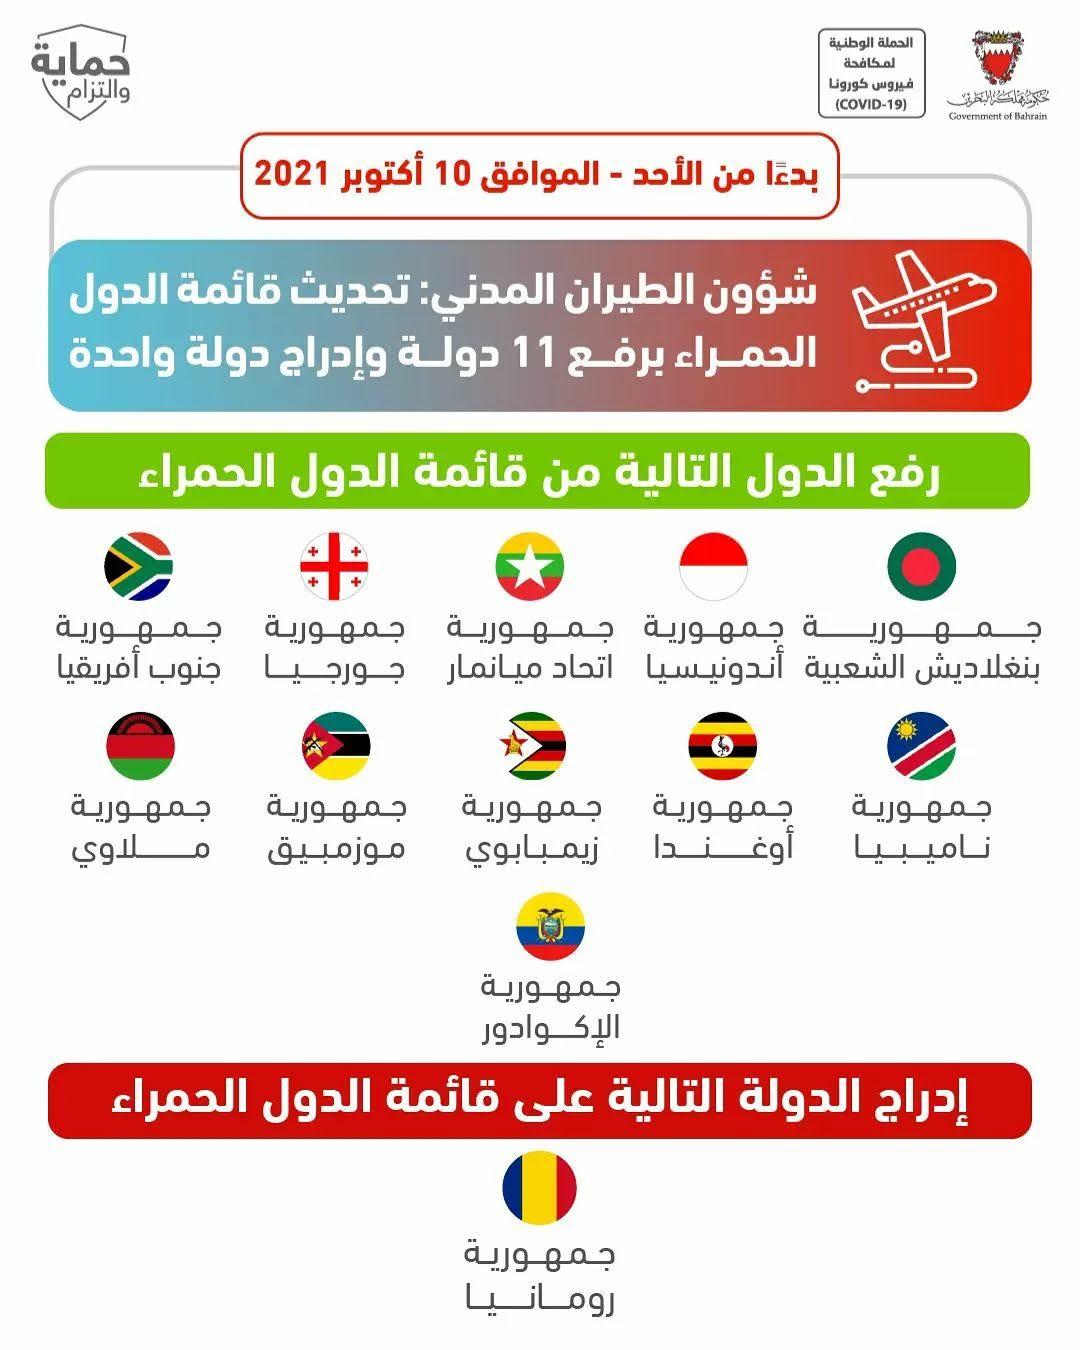 شؤون الطيران المدني: تحديث قائمة الدول الحمراء برفع 11دولة وإدراج دولة واحدة